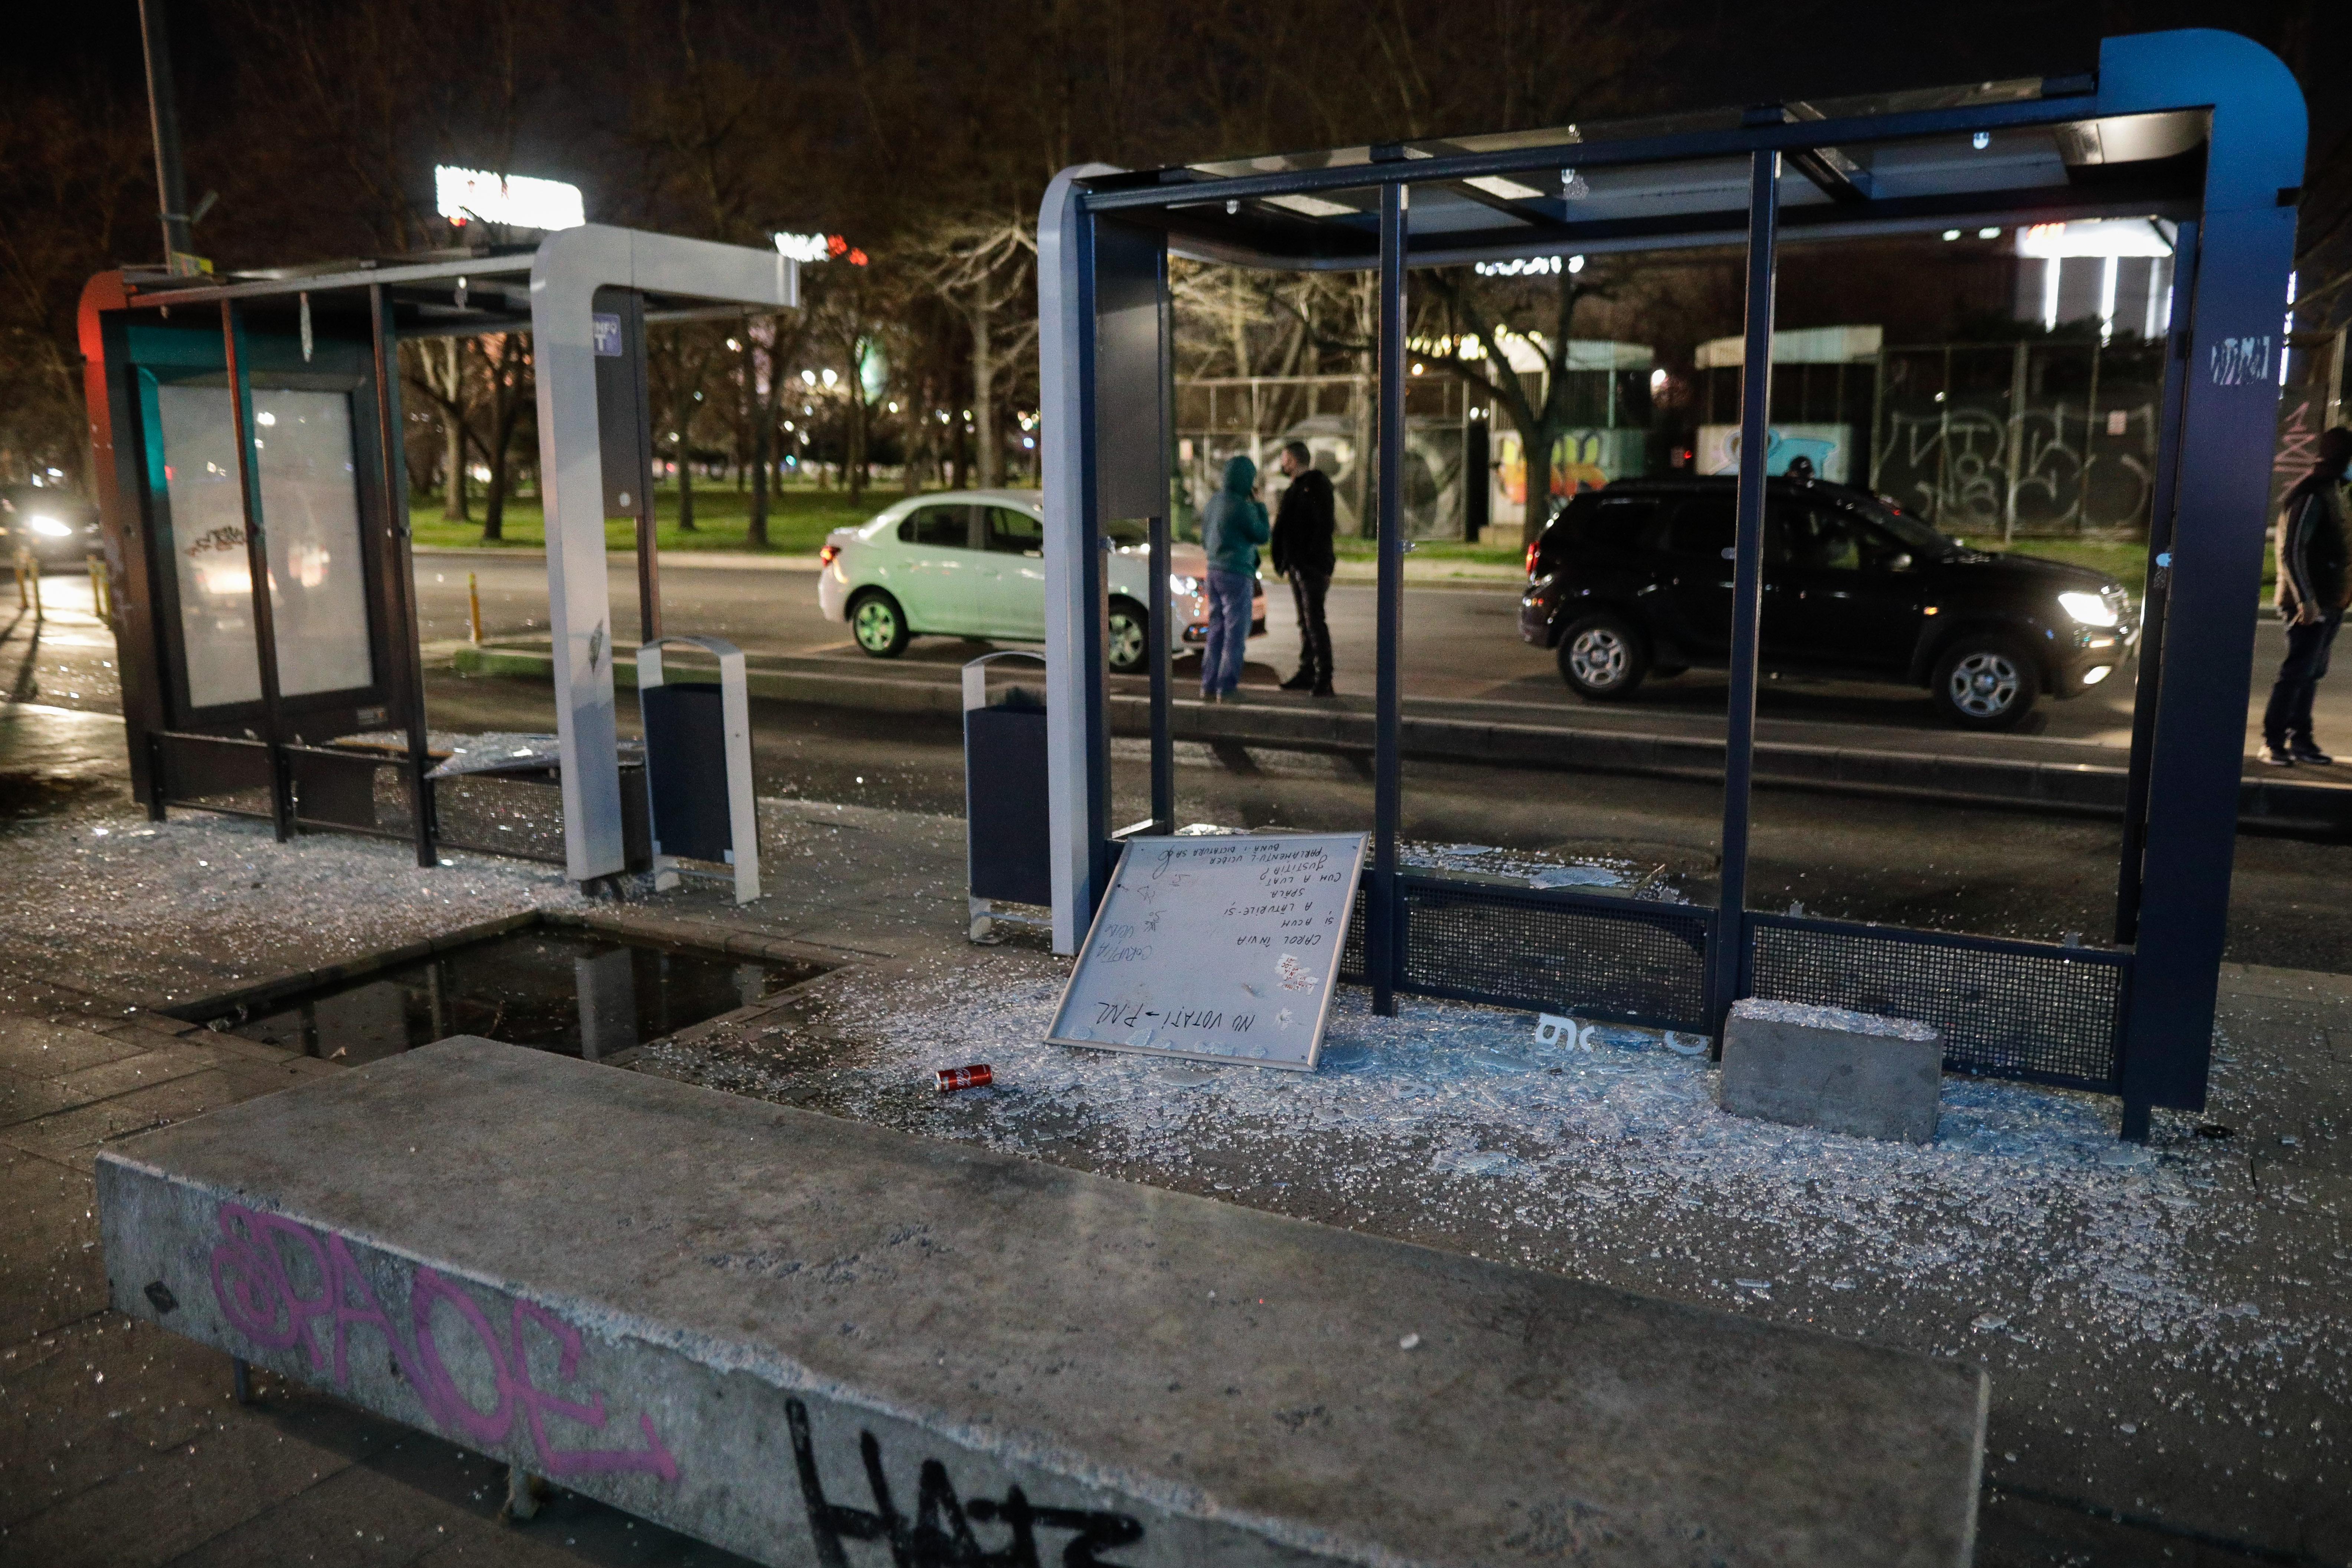 Poliţia Locală Bucureşti a evaluat pagubele în urma protestului. Costurile se ridică la 32.000 de euro. FOTO